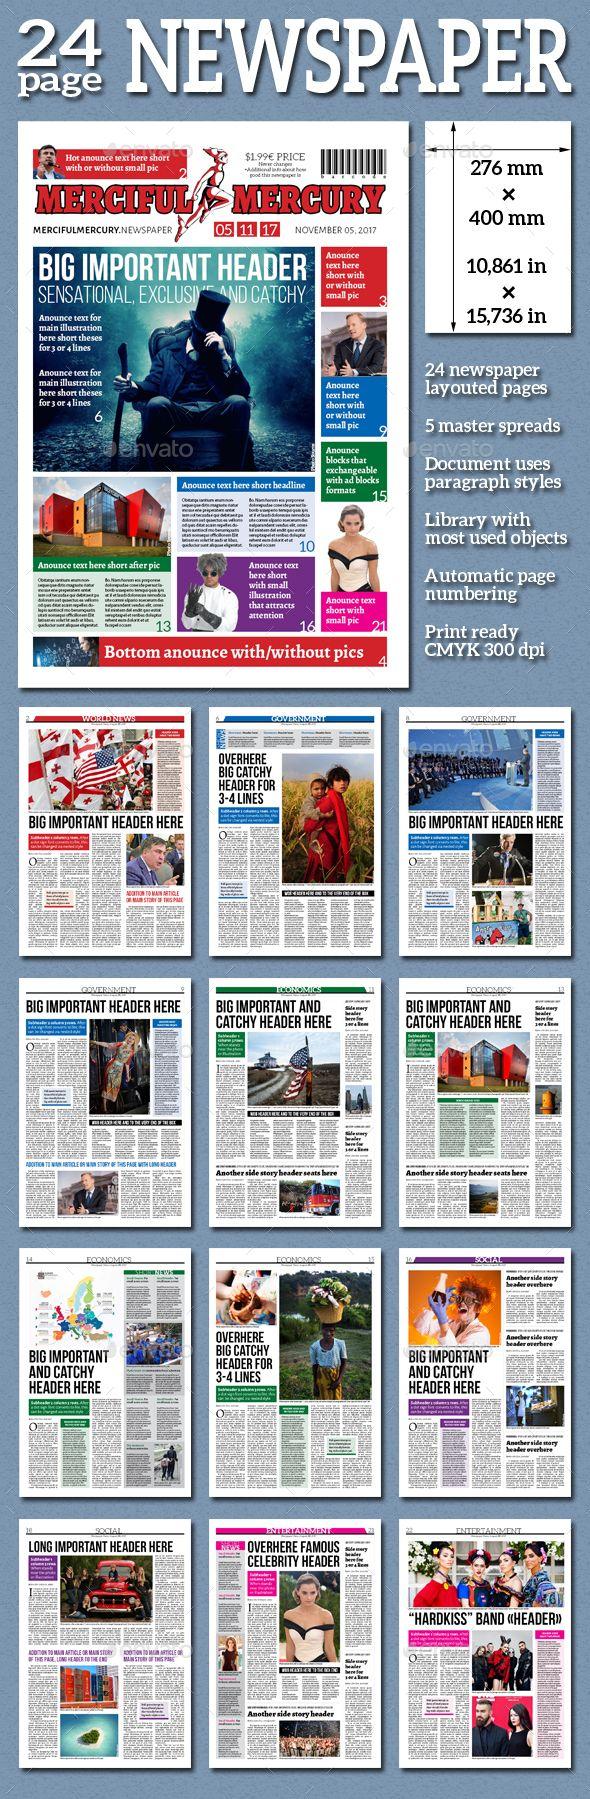 Daily Newspaper | Diseño editorial, Diseño de periódicos y Editorial